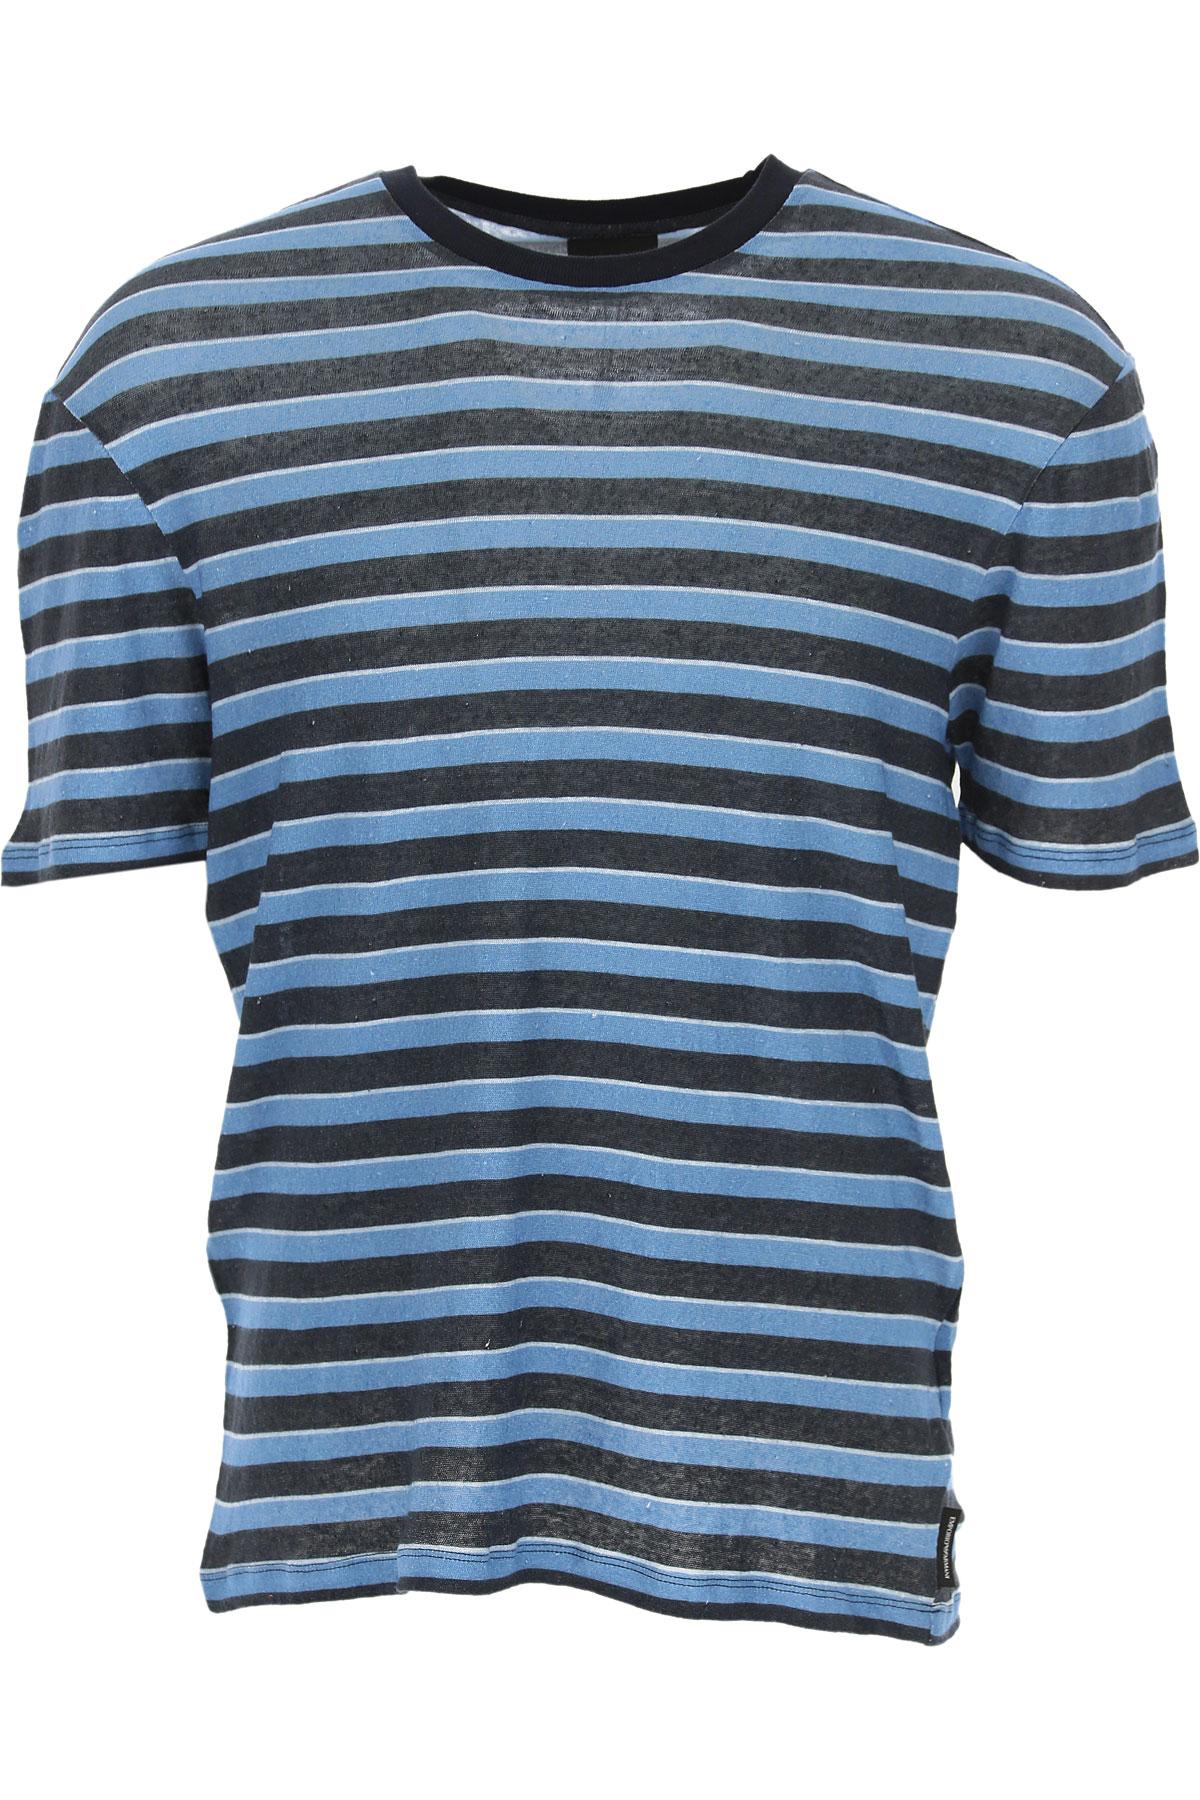 Emporio Armani T-shirt Homme, Bleu, Lin, 2019, L M XL XXL XXXL